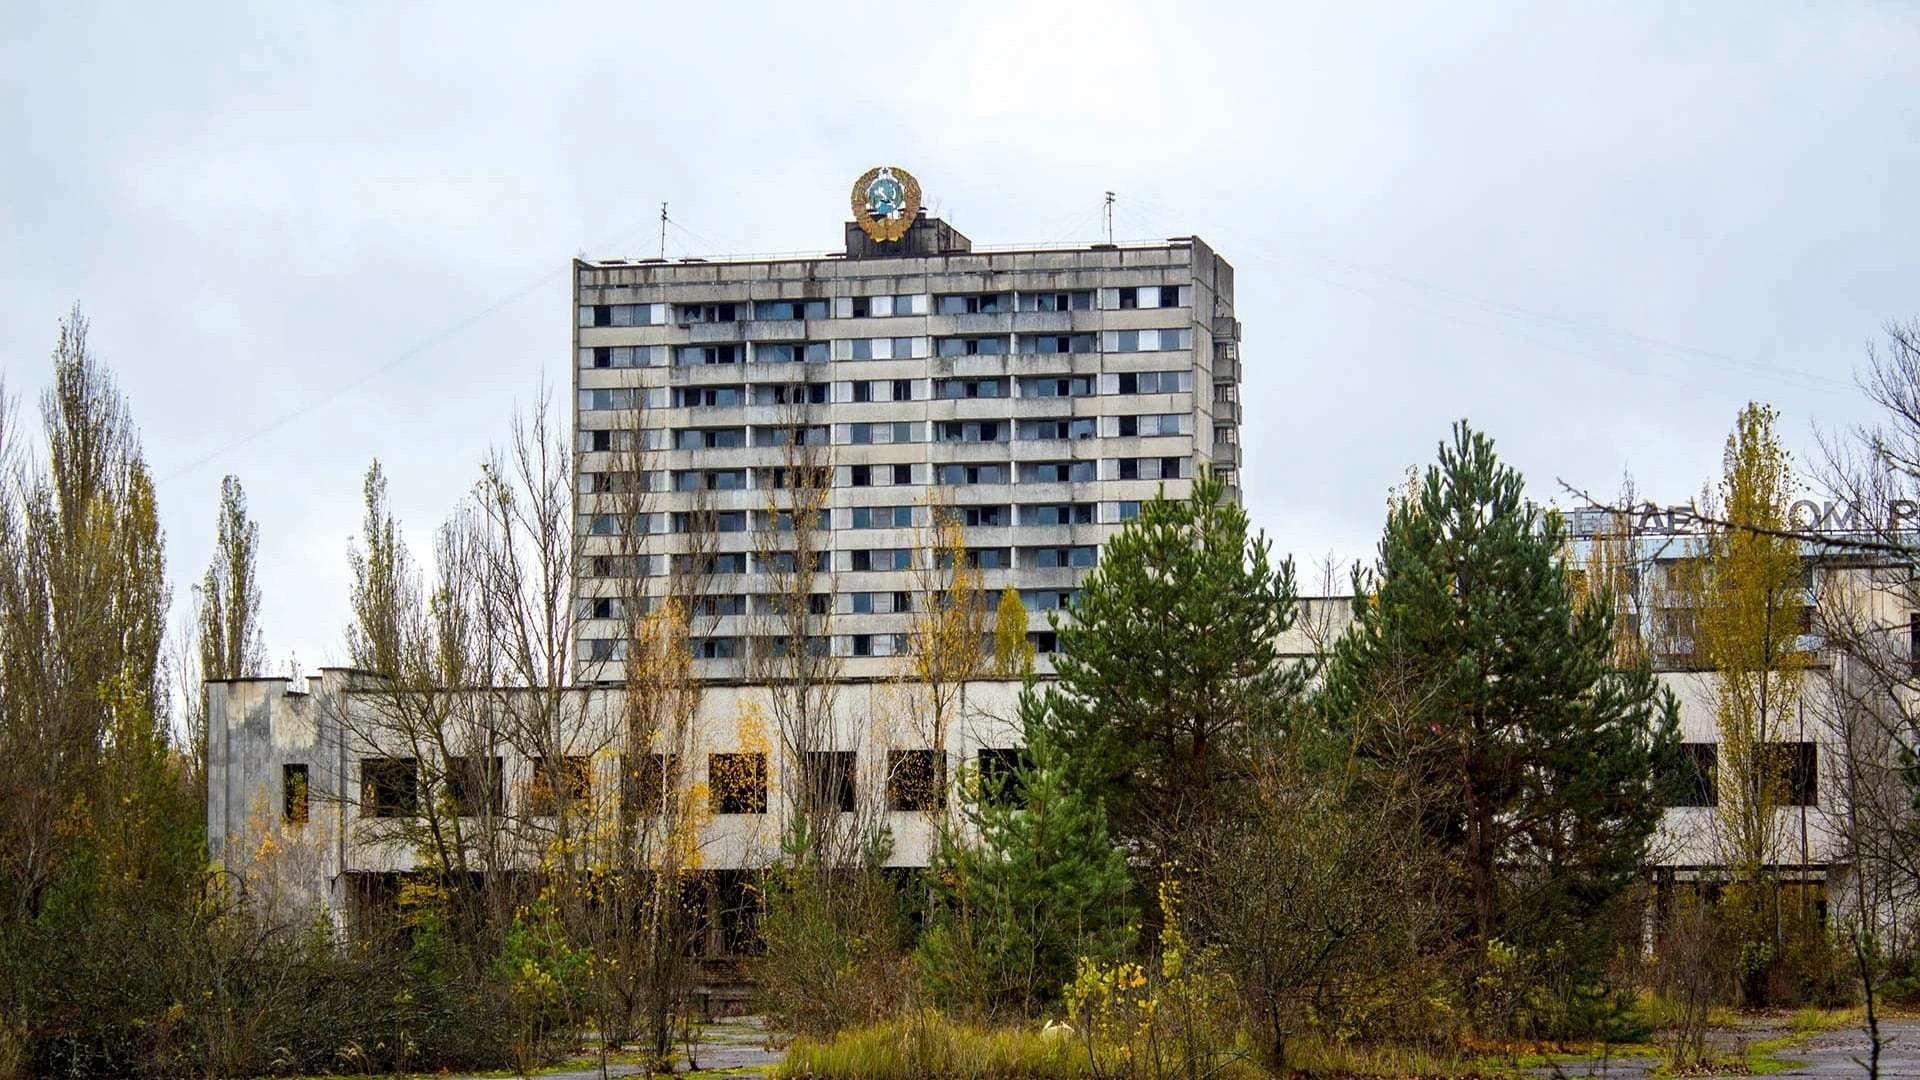 ehkskursiya-v-chernobyl До Чорнобилю линуть туристи : успіх однойменного серіалу спонукає його шанувальників побувати у зоні відчуження